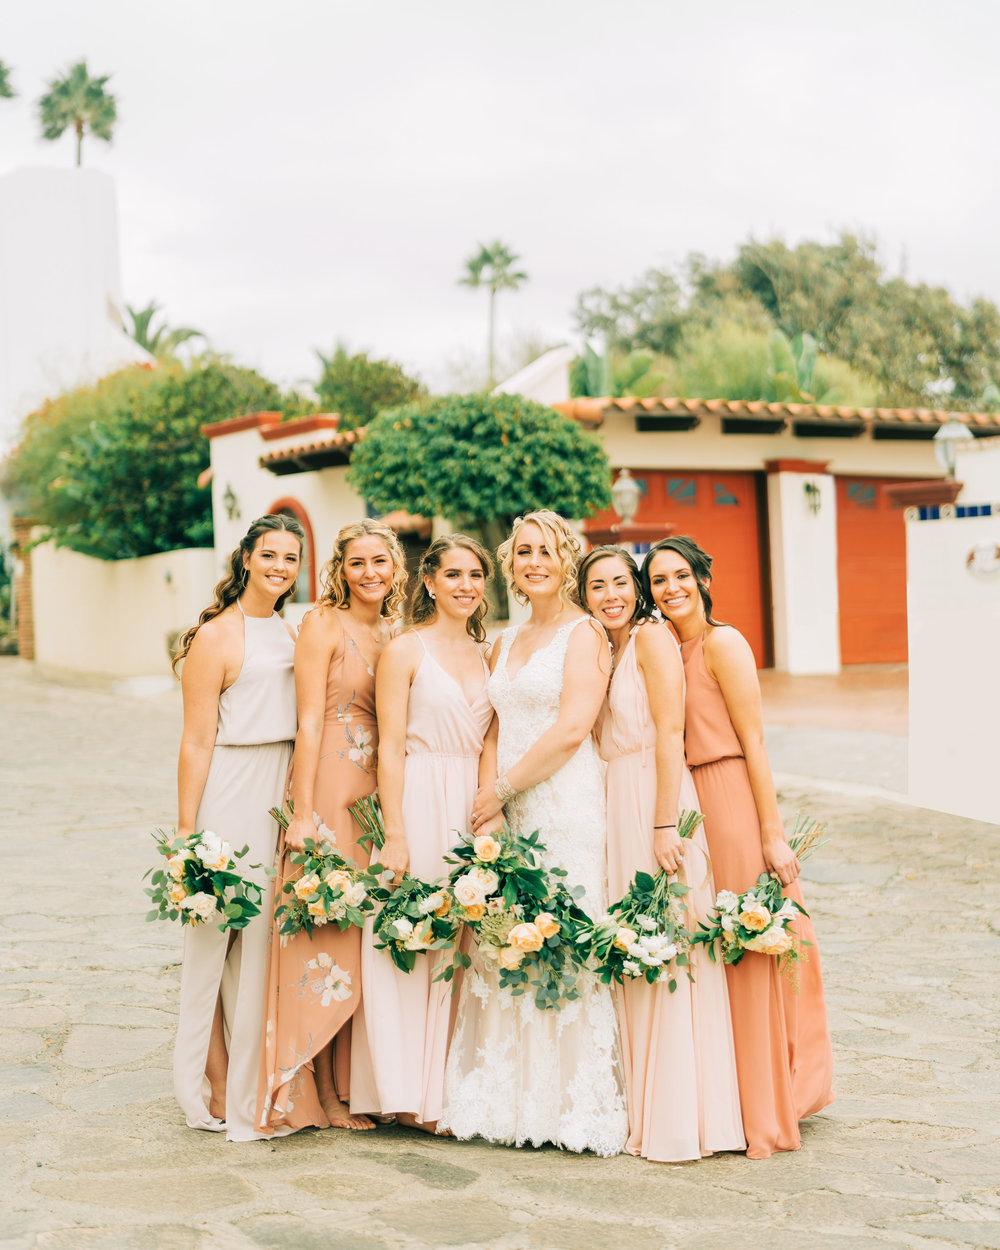 las-gavoitas-mexico-wedding-baja-roasarito-beach 032.jpg